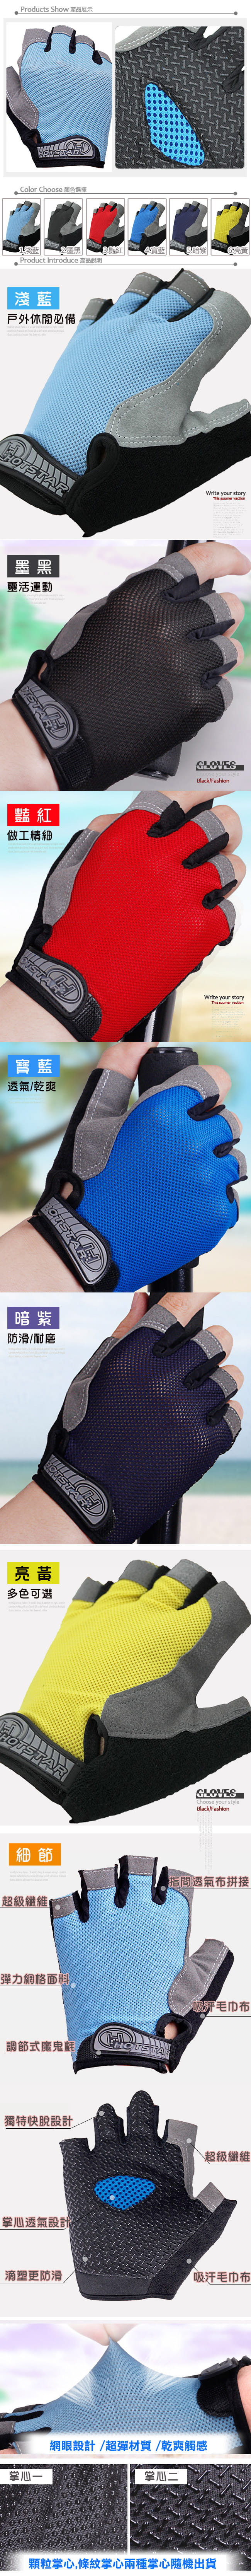 透氣網布半指款運動手套    露指手套短指手套 1